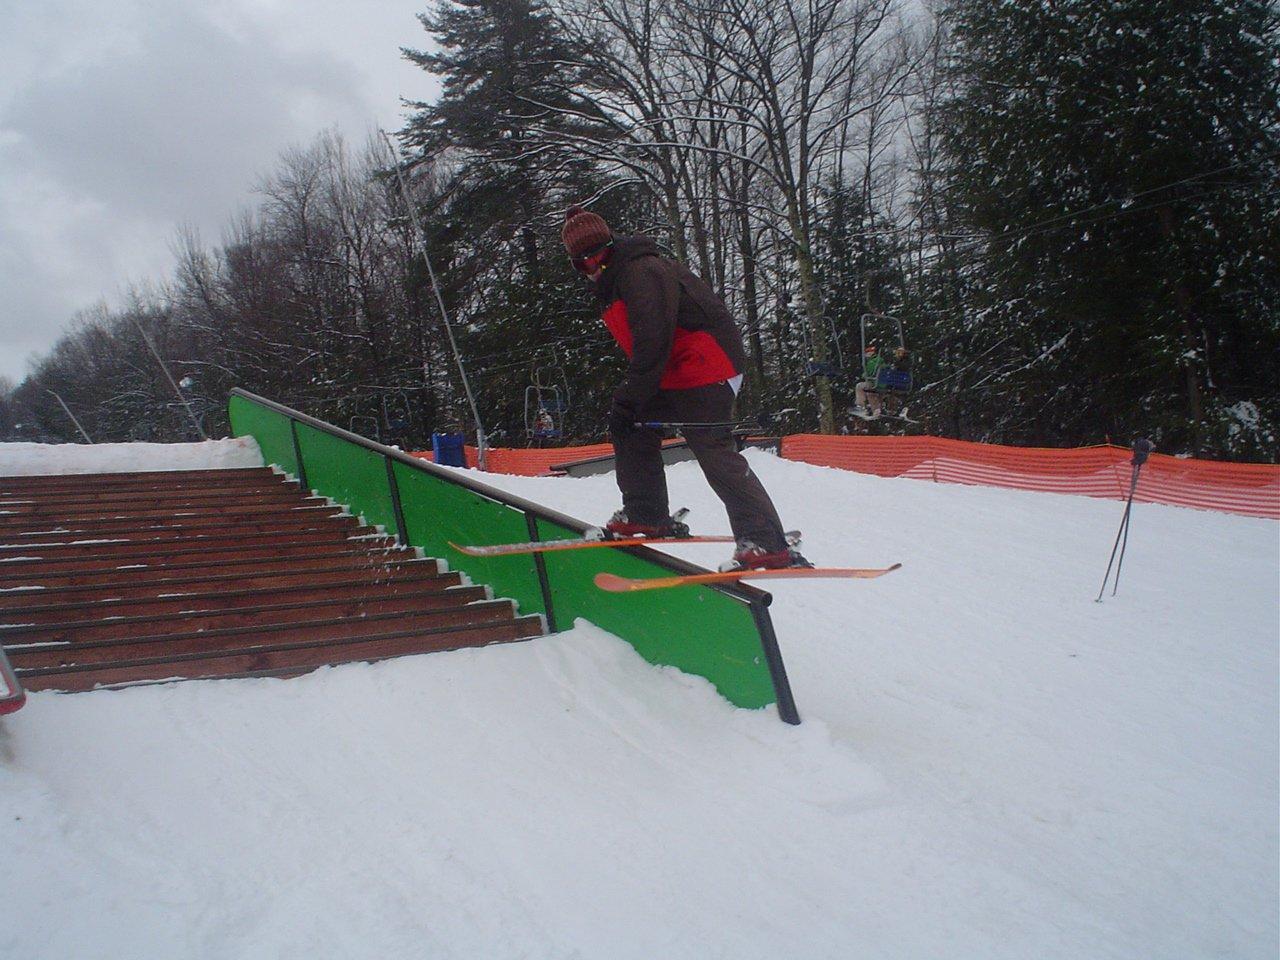 Handrail at pats